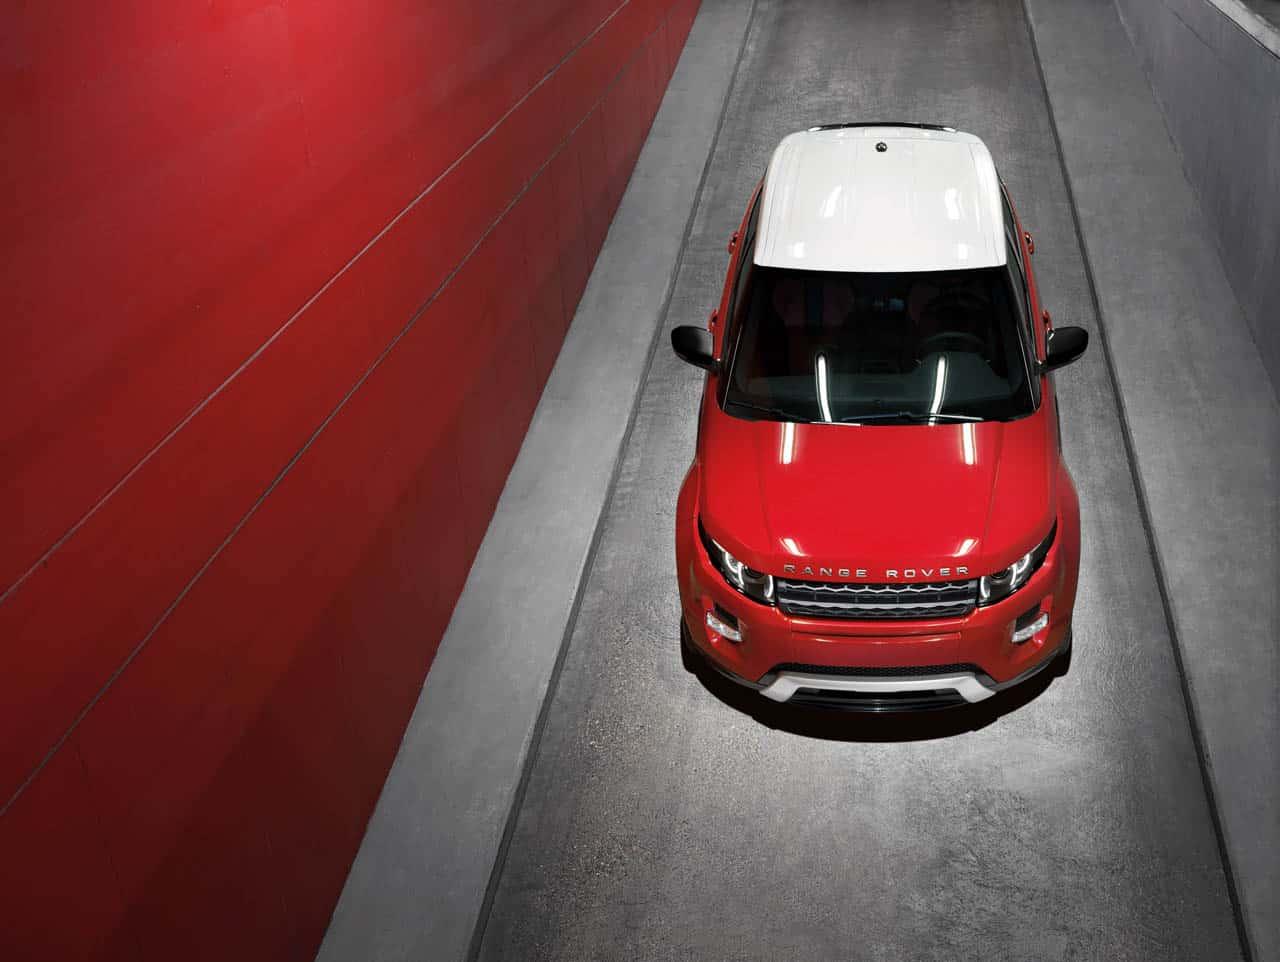 Range-Rover-Evoque-5-door-top